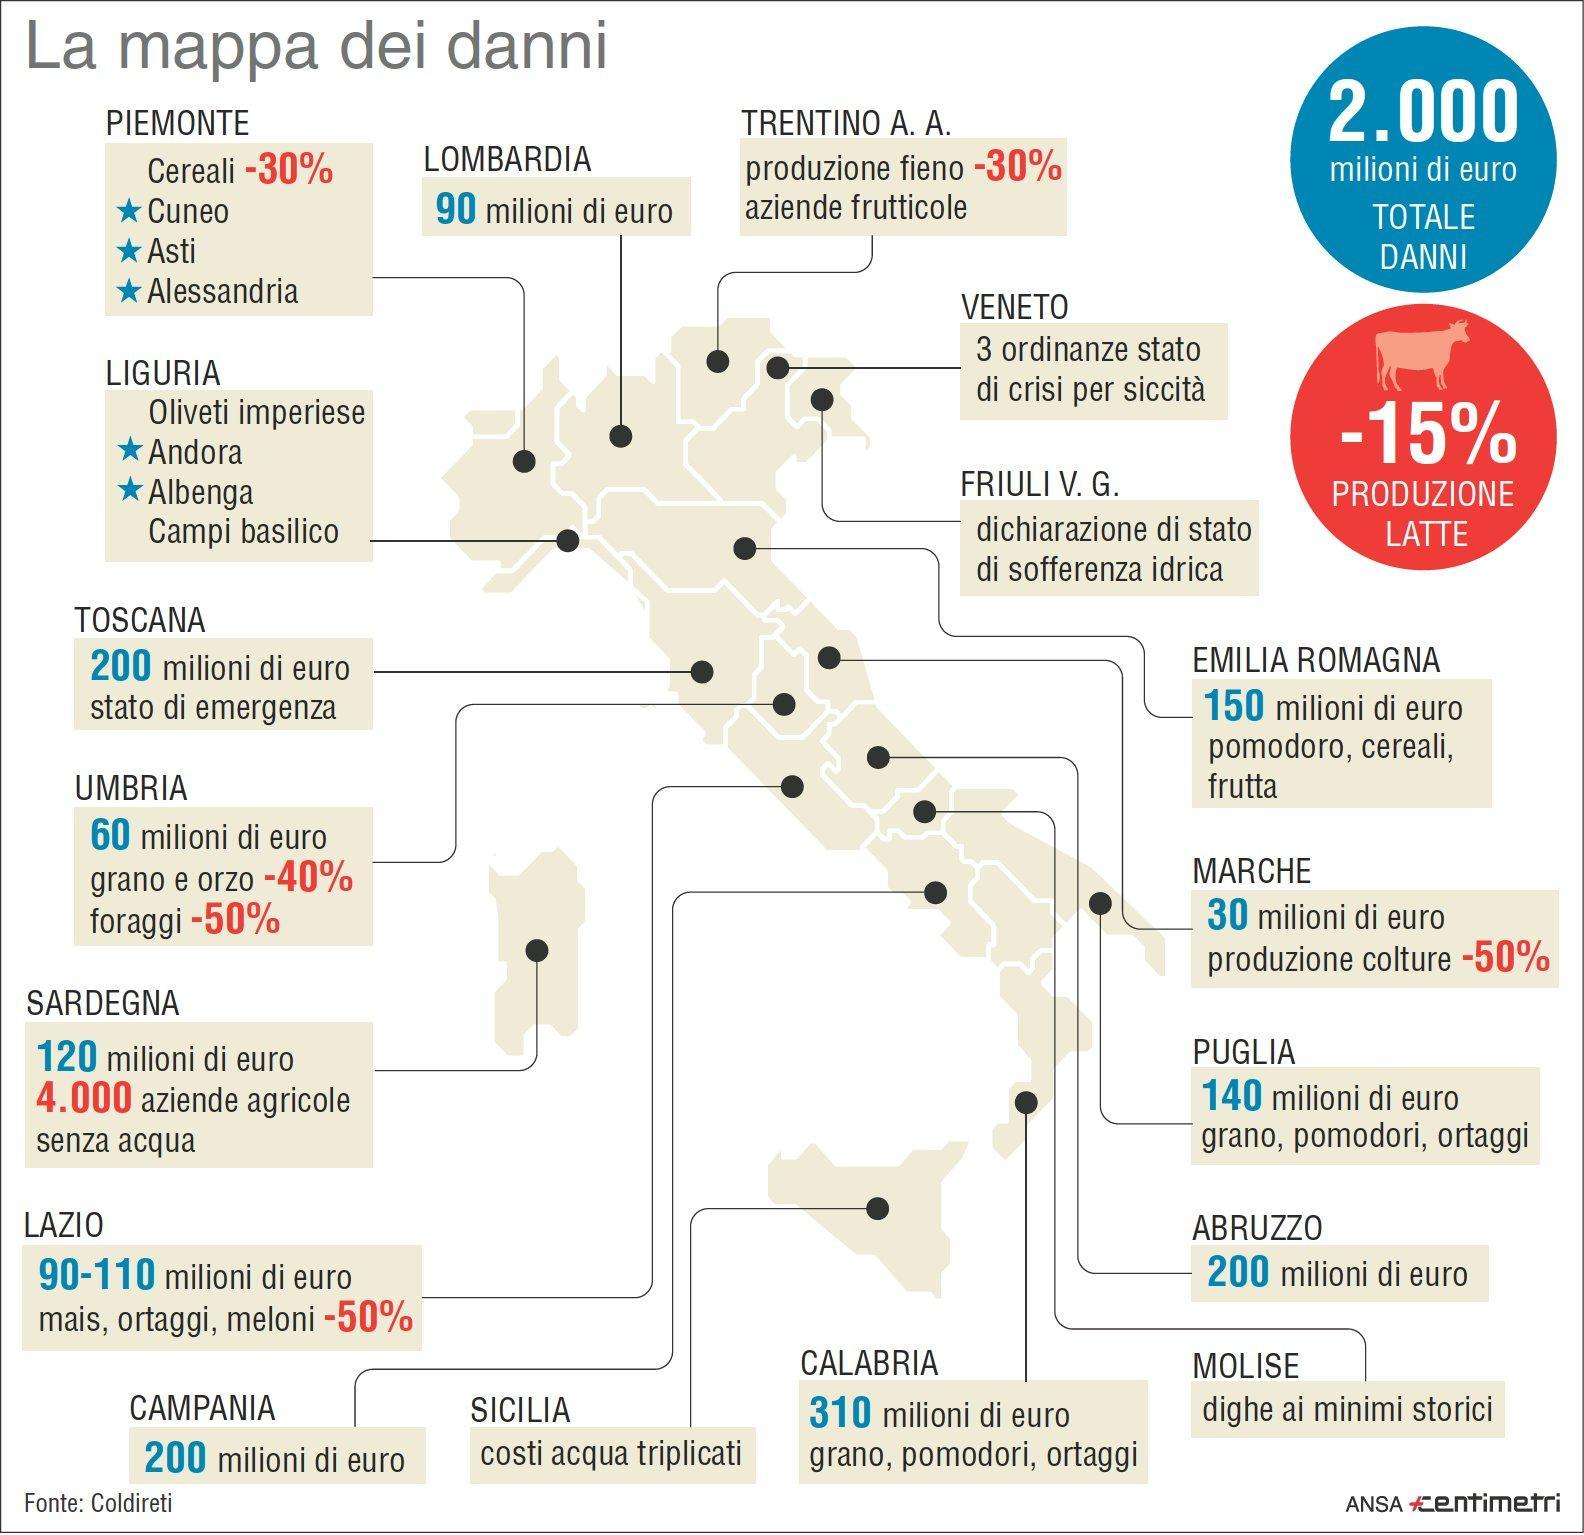 Siccità, la mappa dei danni nella Penisola